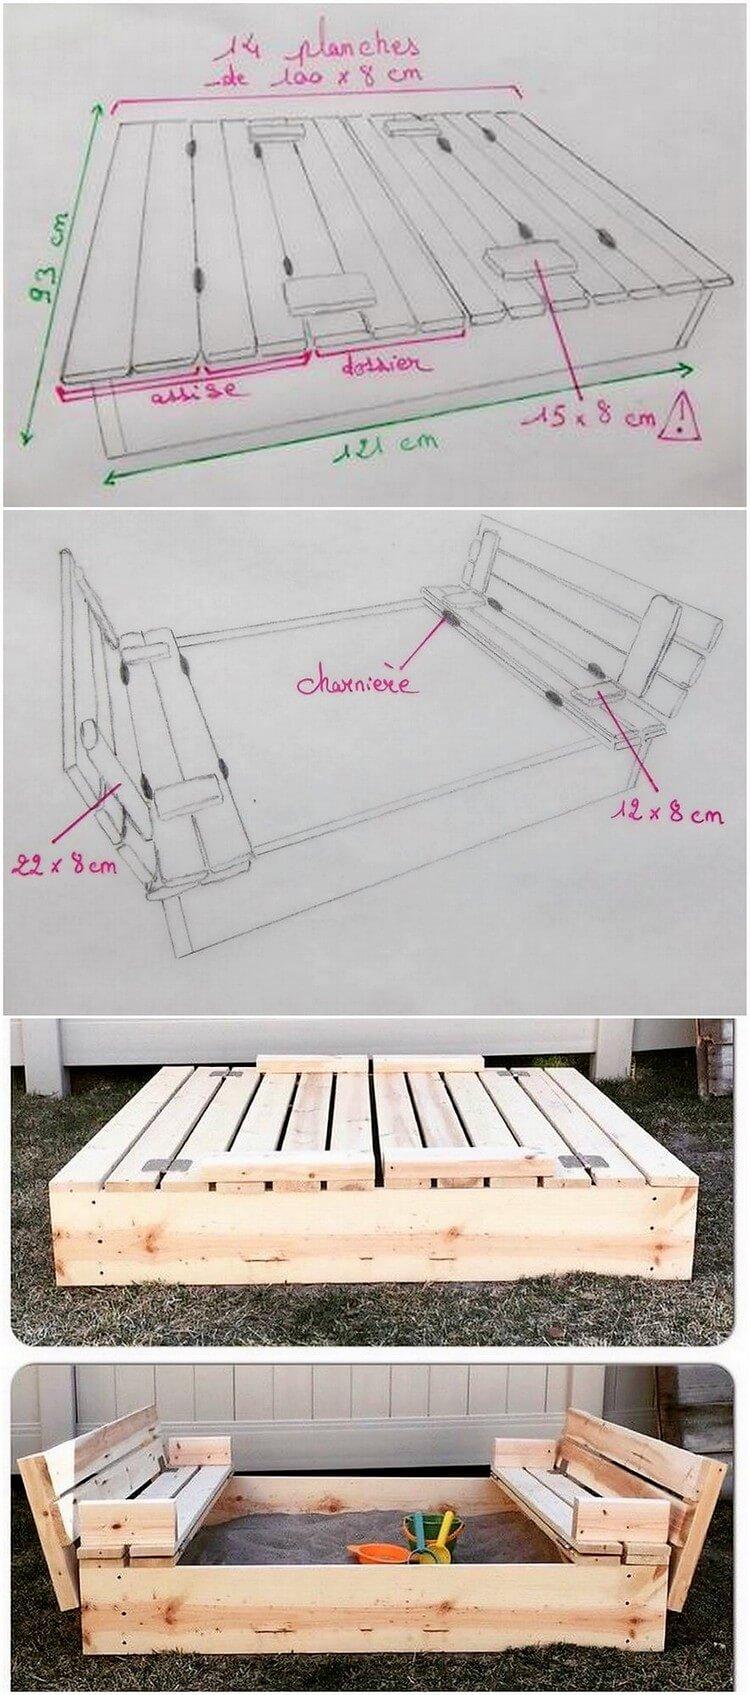 DIY Pallet Sandbox for Kids